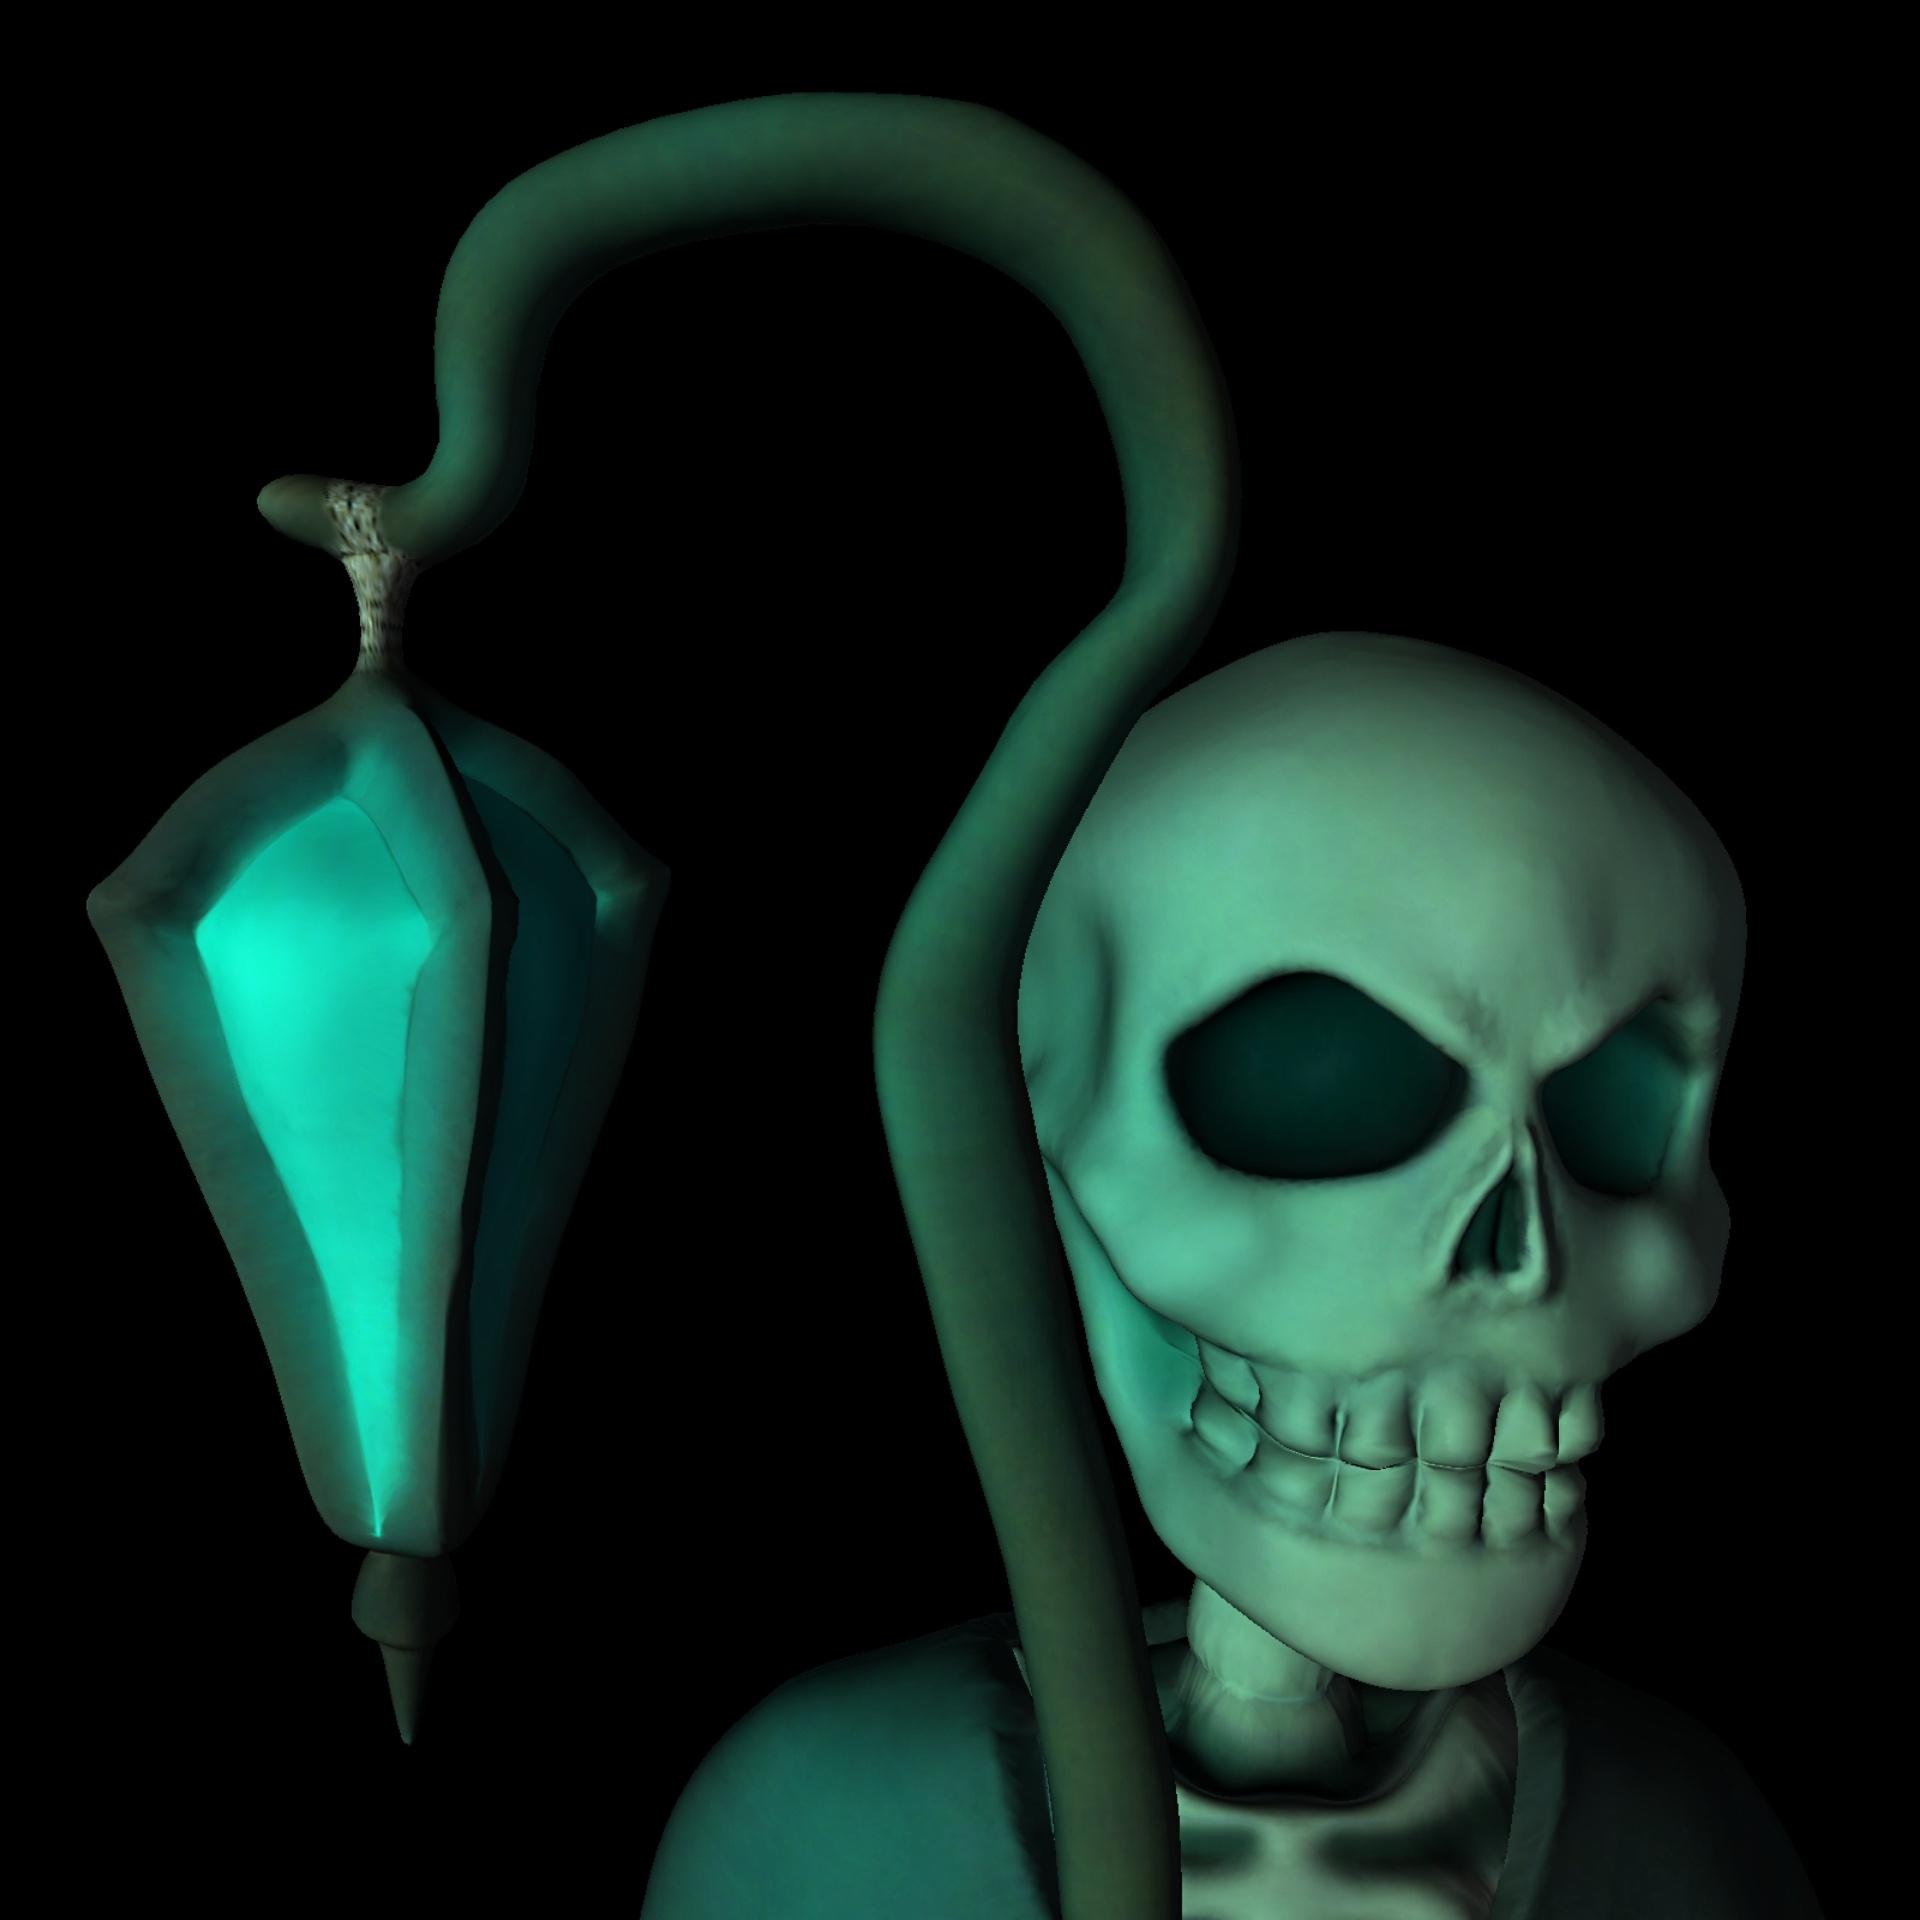 неоновые скелеты картинки